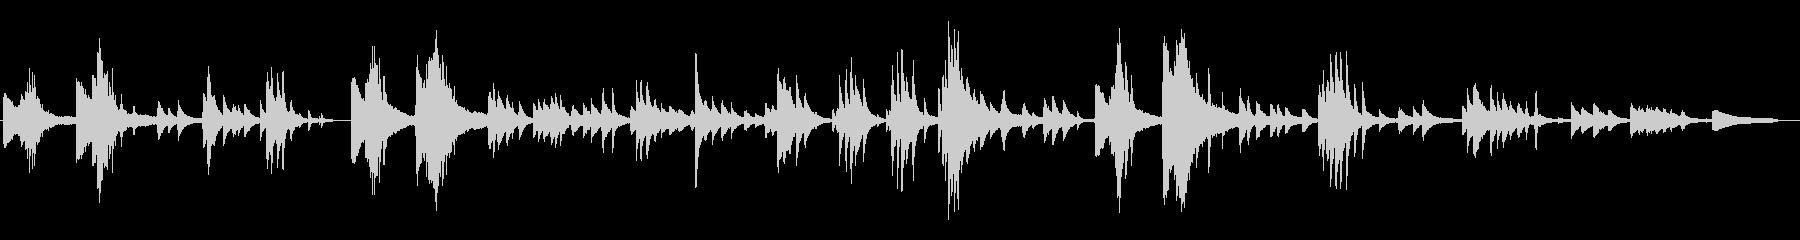 現代のクラシックソロピアノロマンテ...の未再生の波形